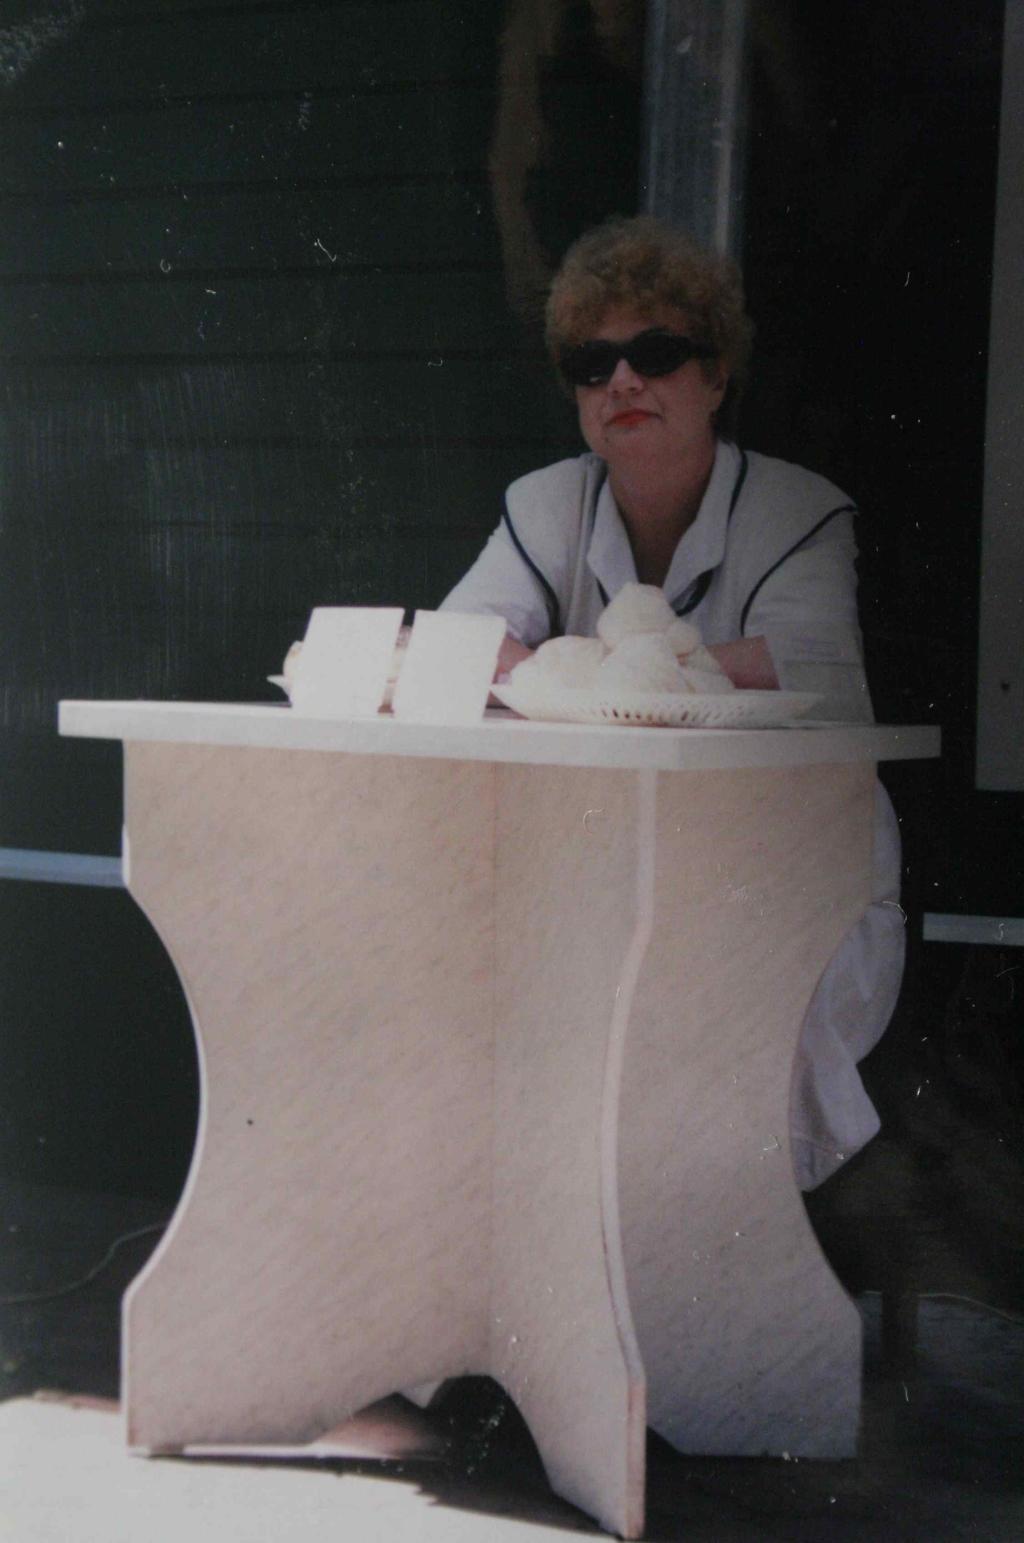 Non, il ne s'agit pas de Catherine de chez Arthurs, mais d'une vendeuse de gâteaux, à Voronezh en Russie. Photo Nathalie Melis